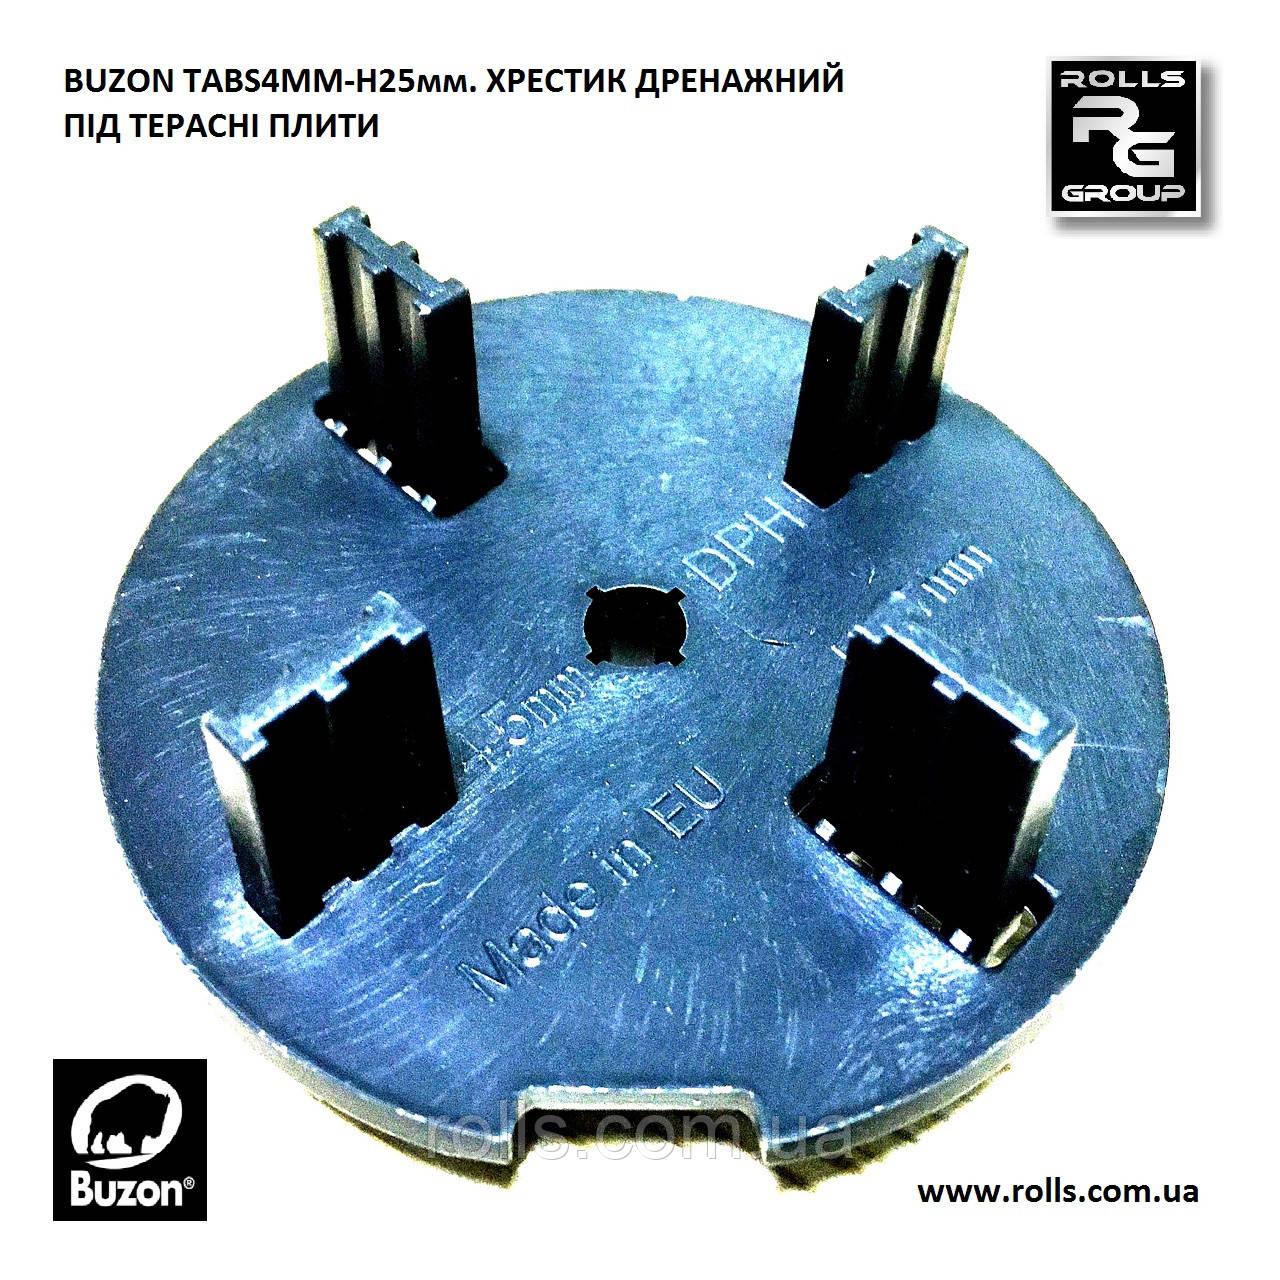 TABS4MM-H25 Крестик с разделительными пластинами для гранитных плит терраса на опорах Buzon DPH-TABS-4,5-H25